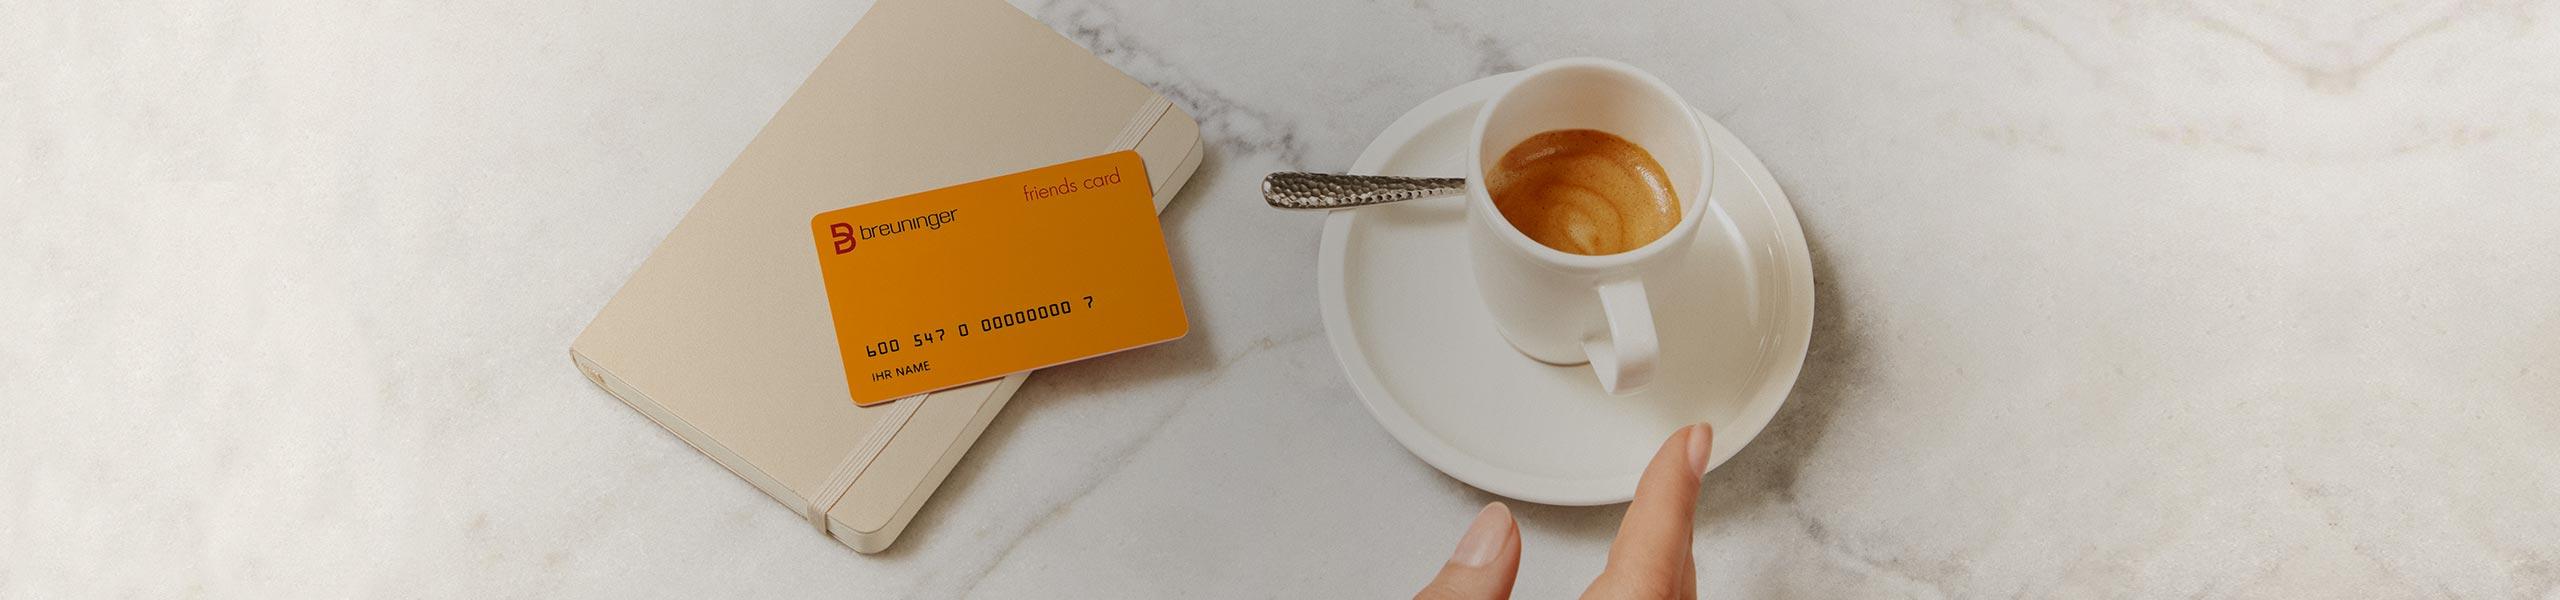 breuninger karte Breuninger Card :: E. Breuninger GmbH & Co breuninger karte